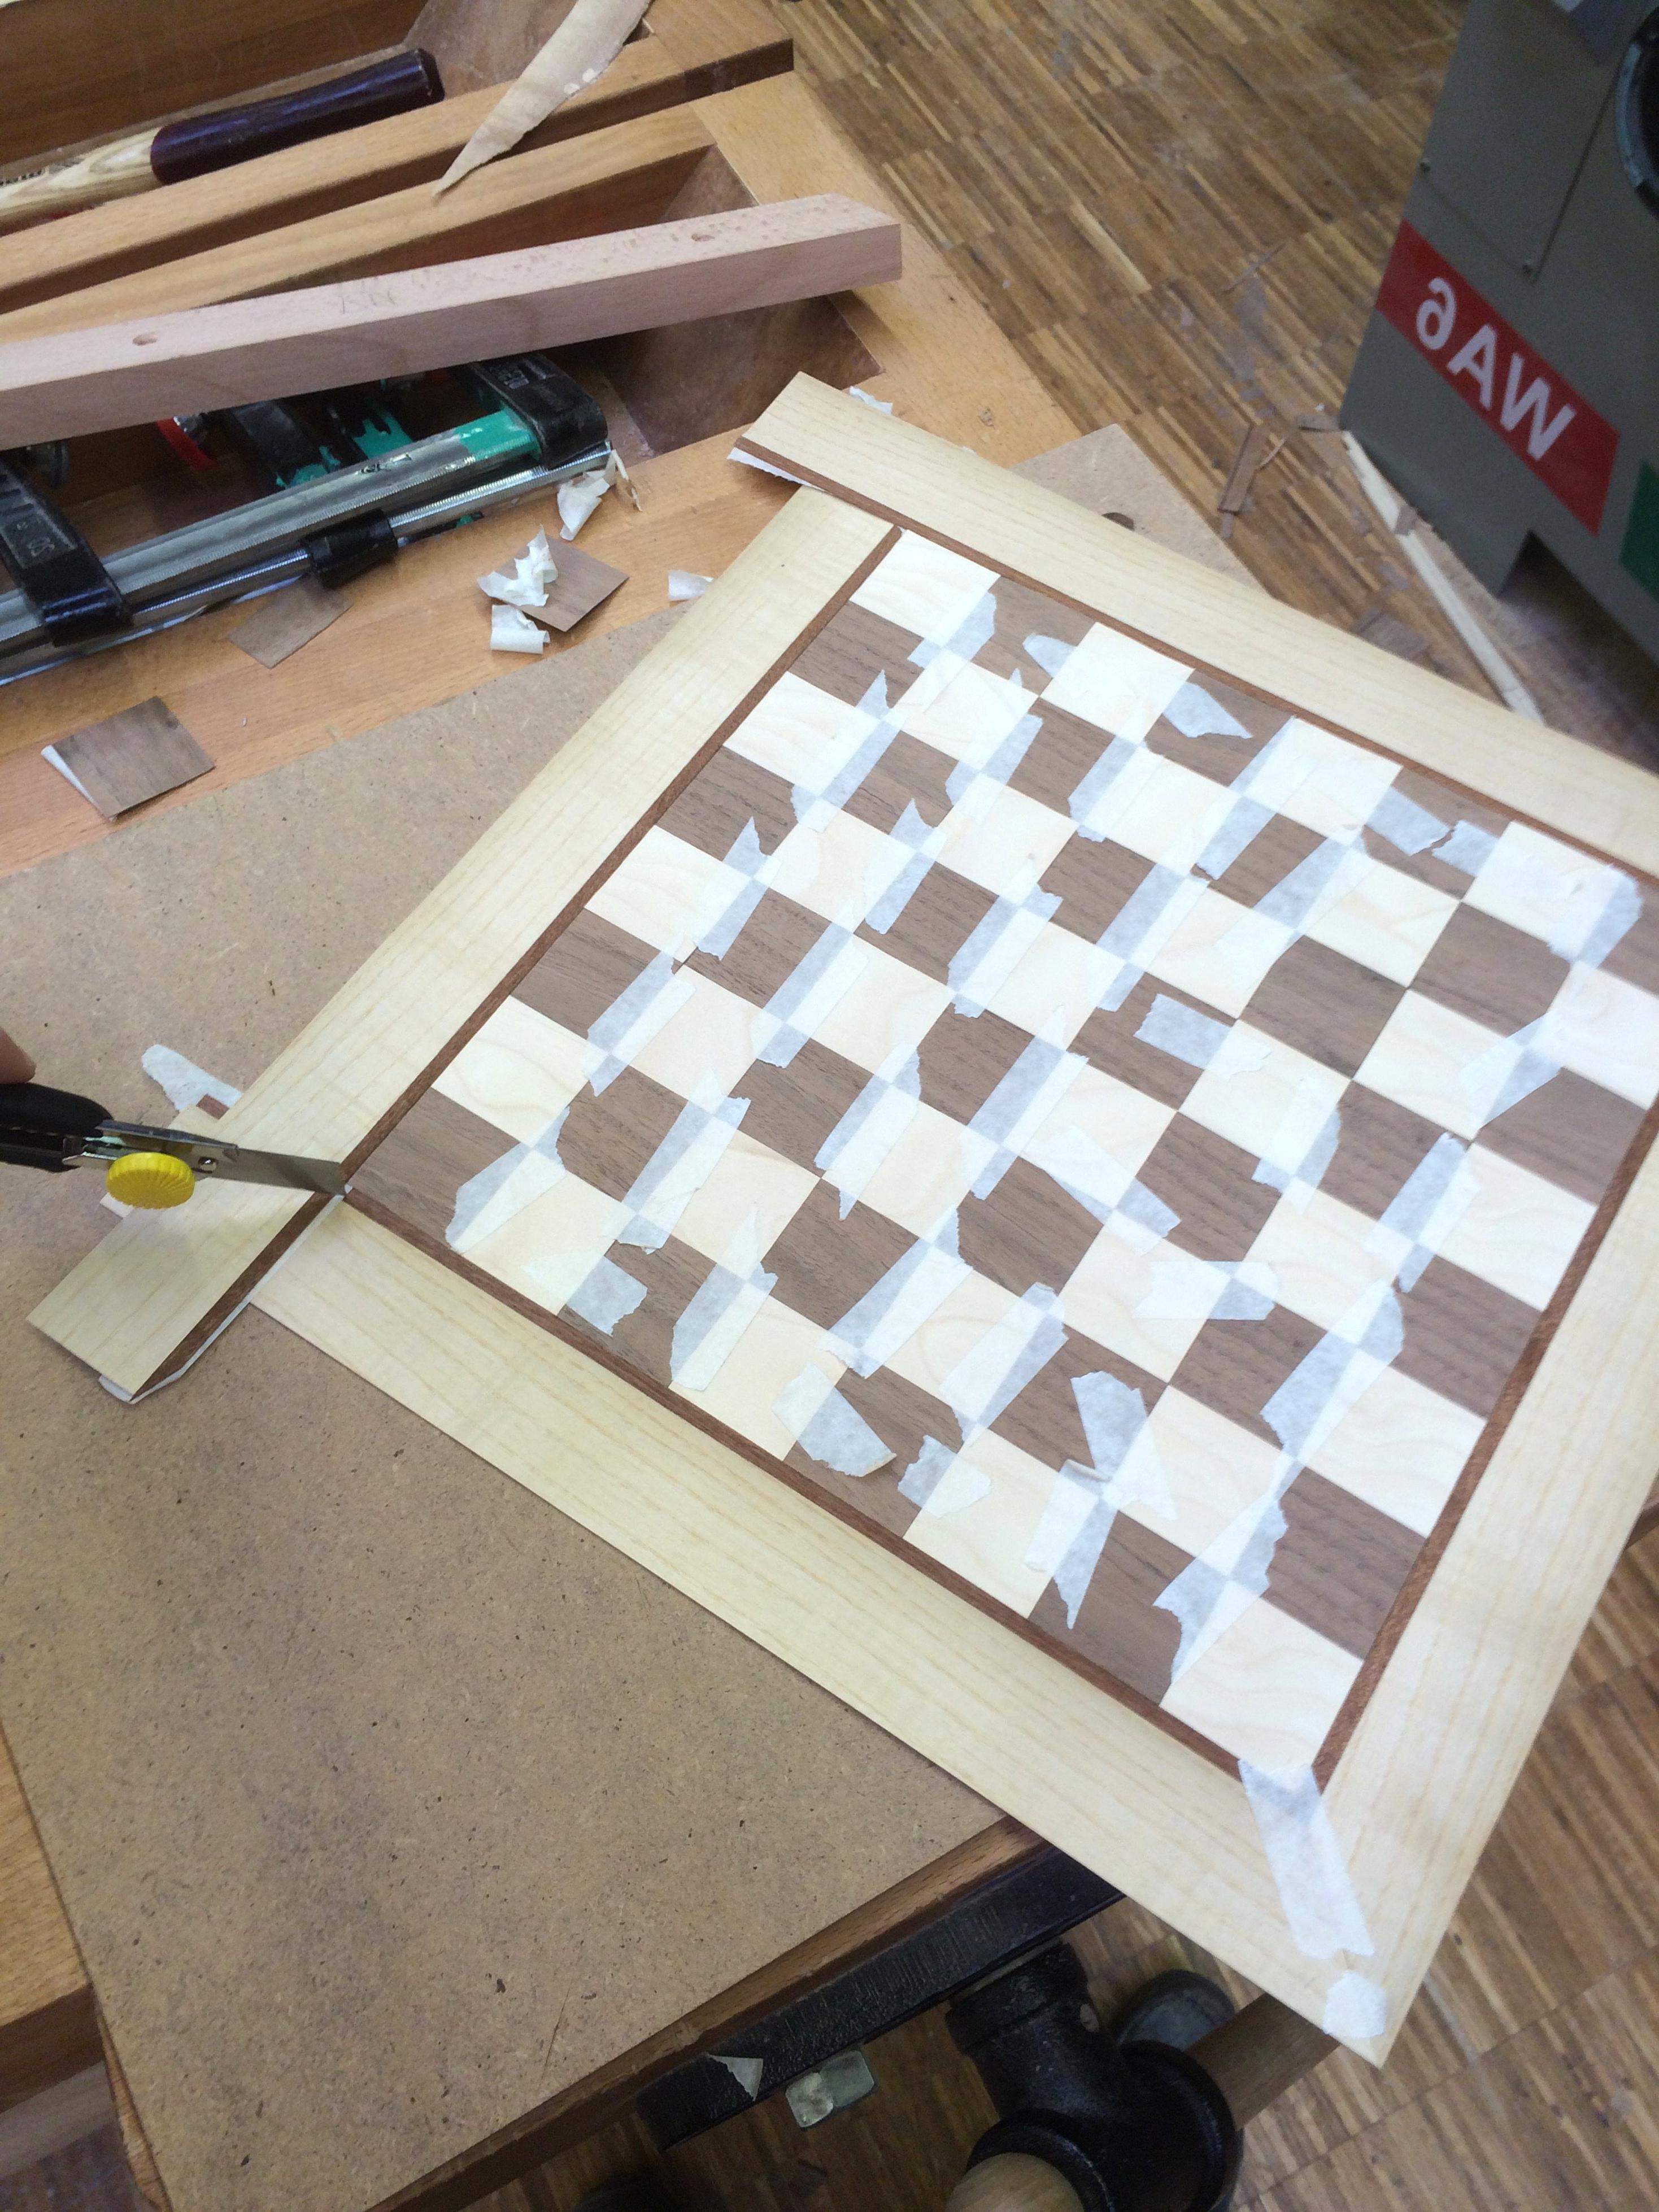 Furnierreste Intarsien Basteln Modellbau 50 verschiedene Holzarten